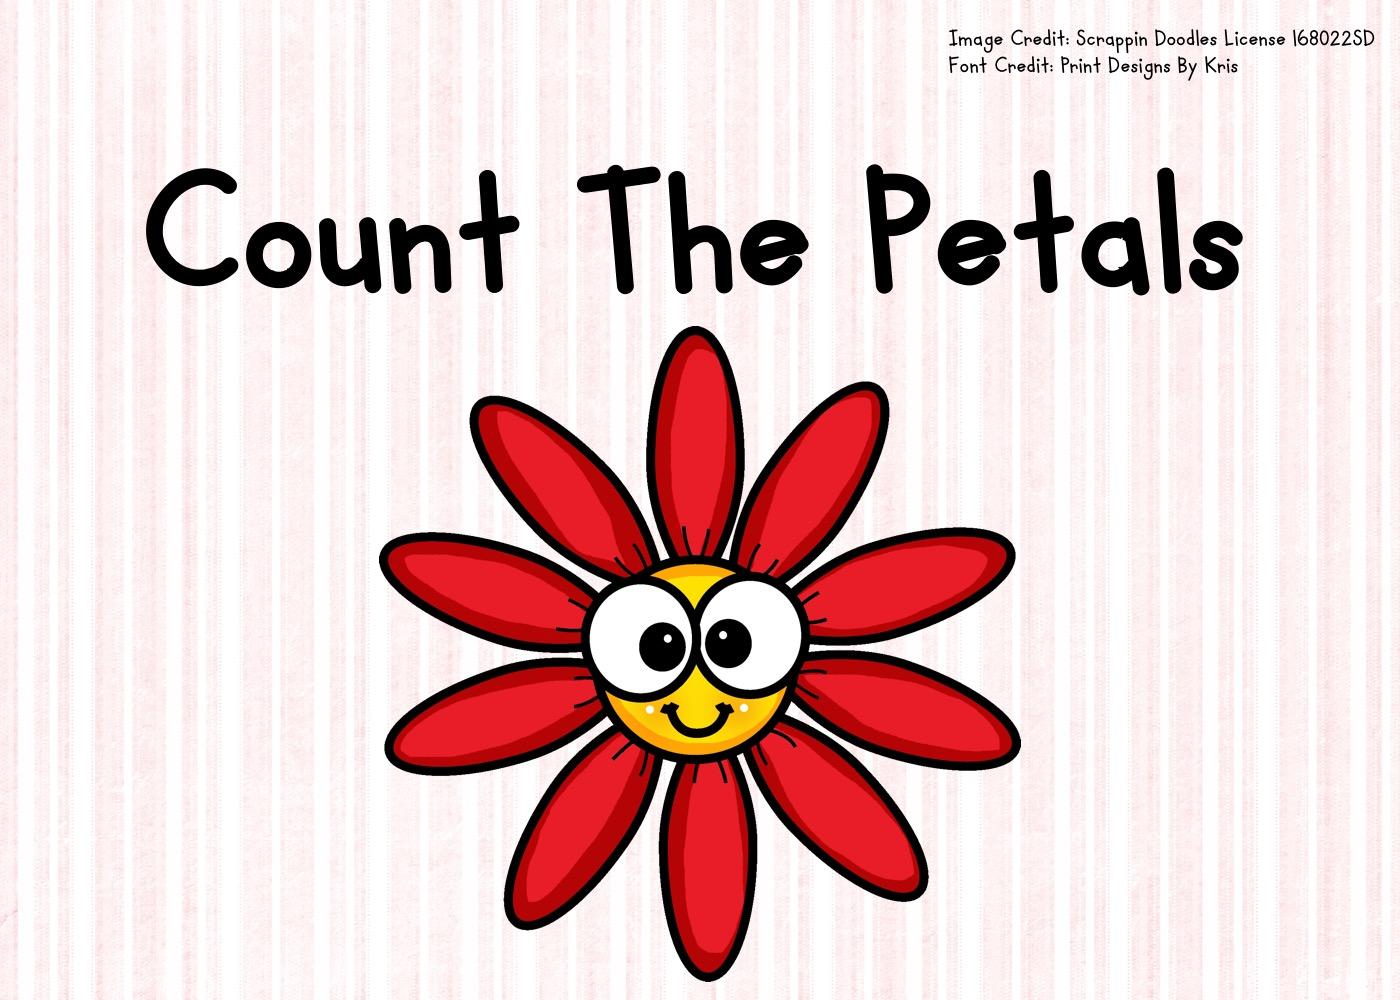 Count The Petals 1 10